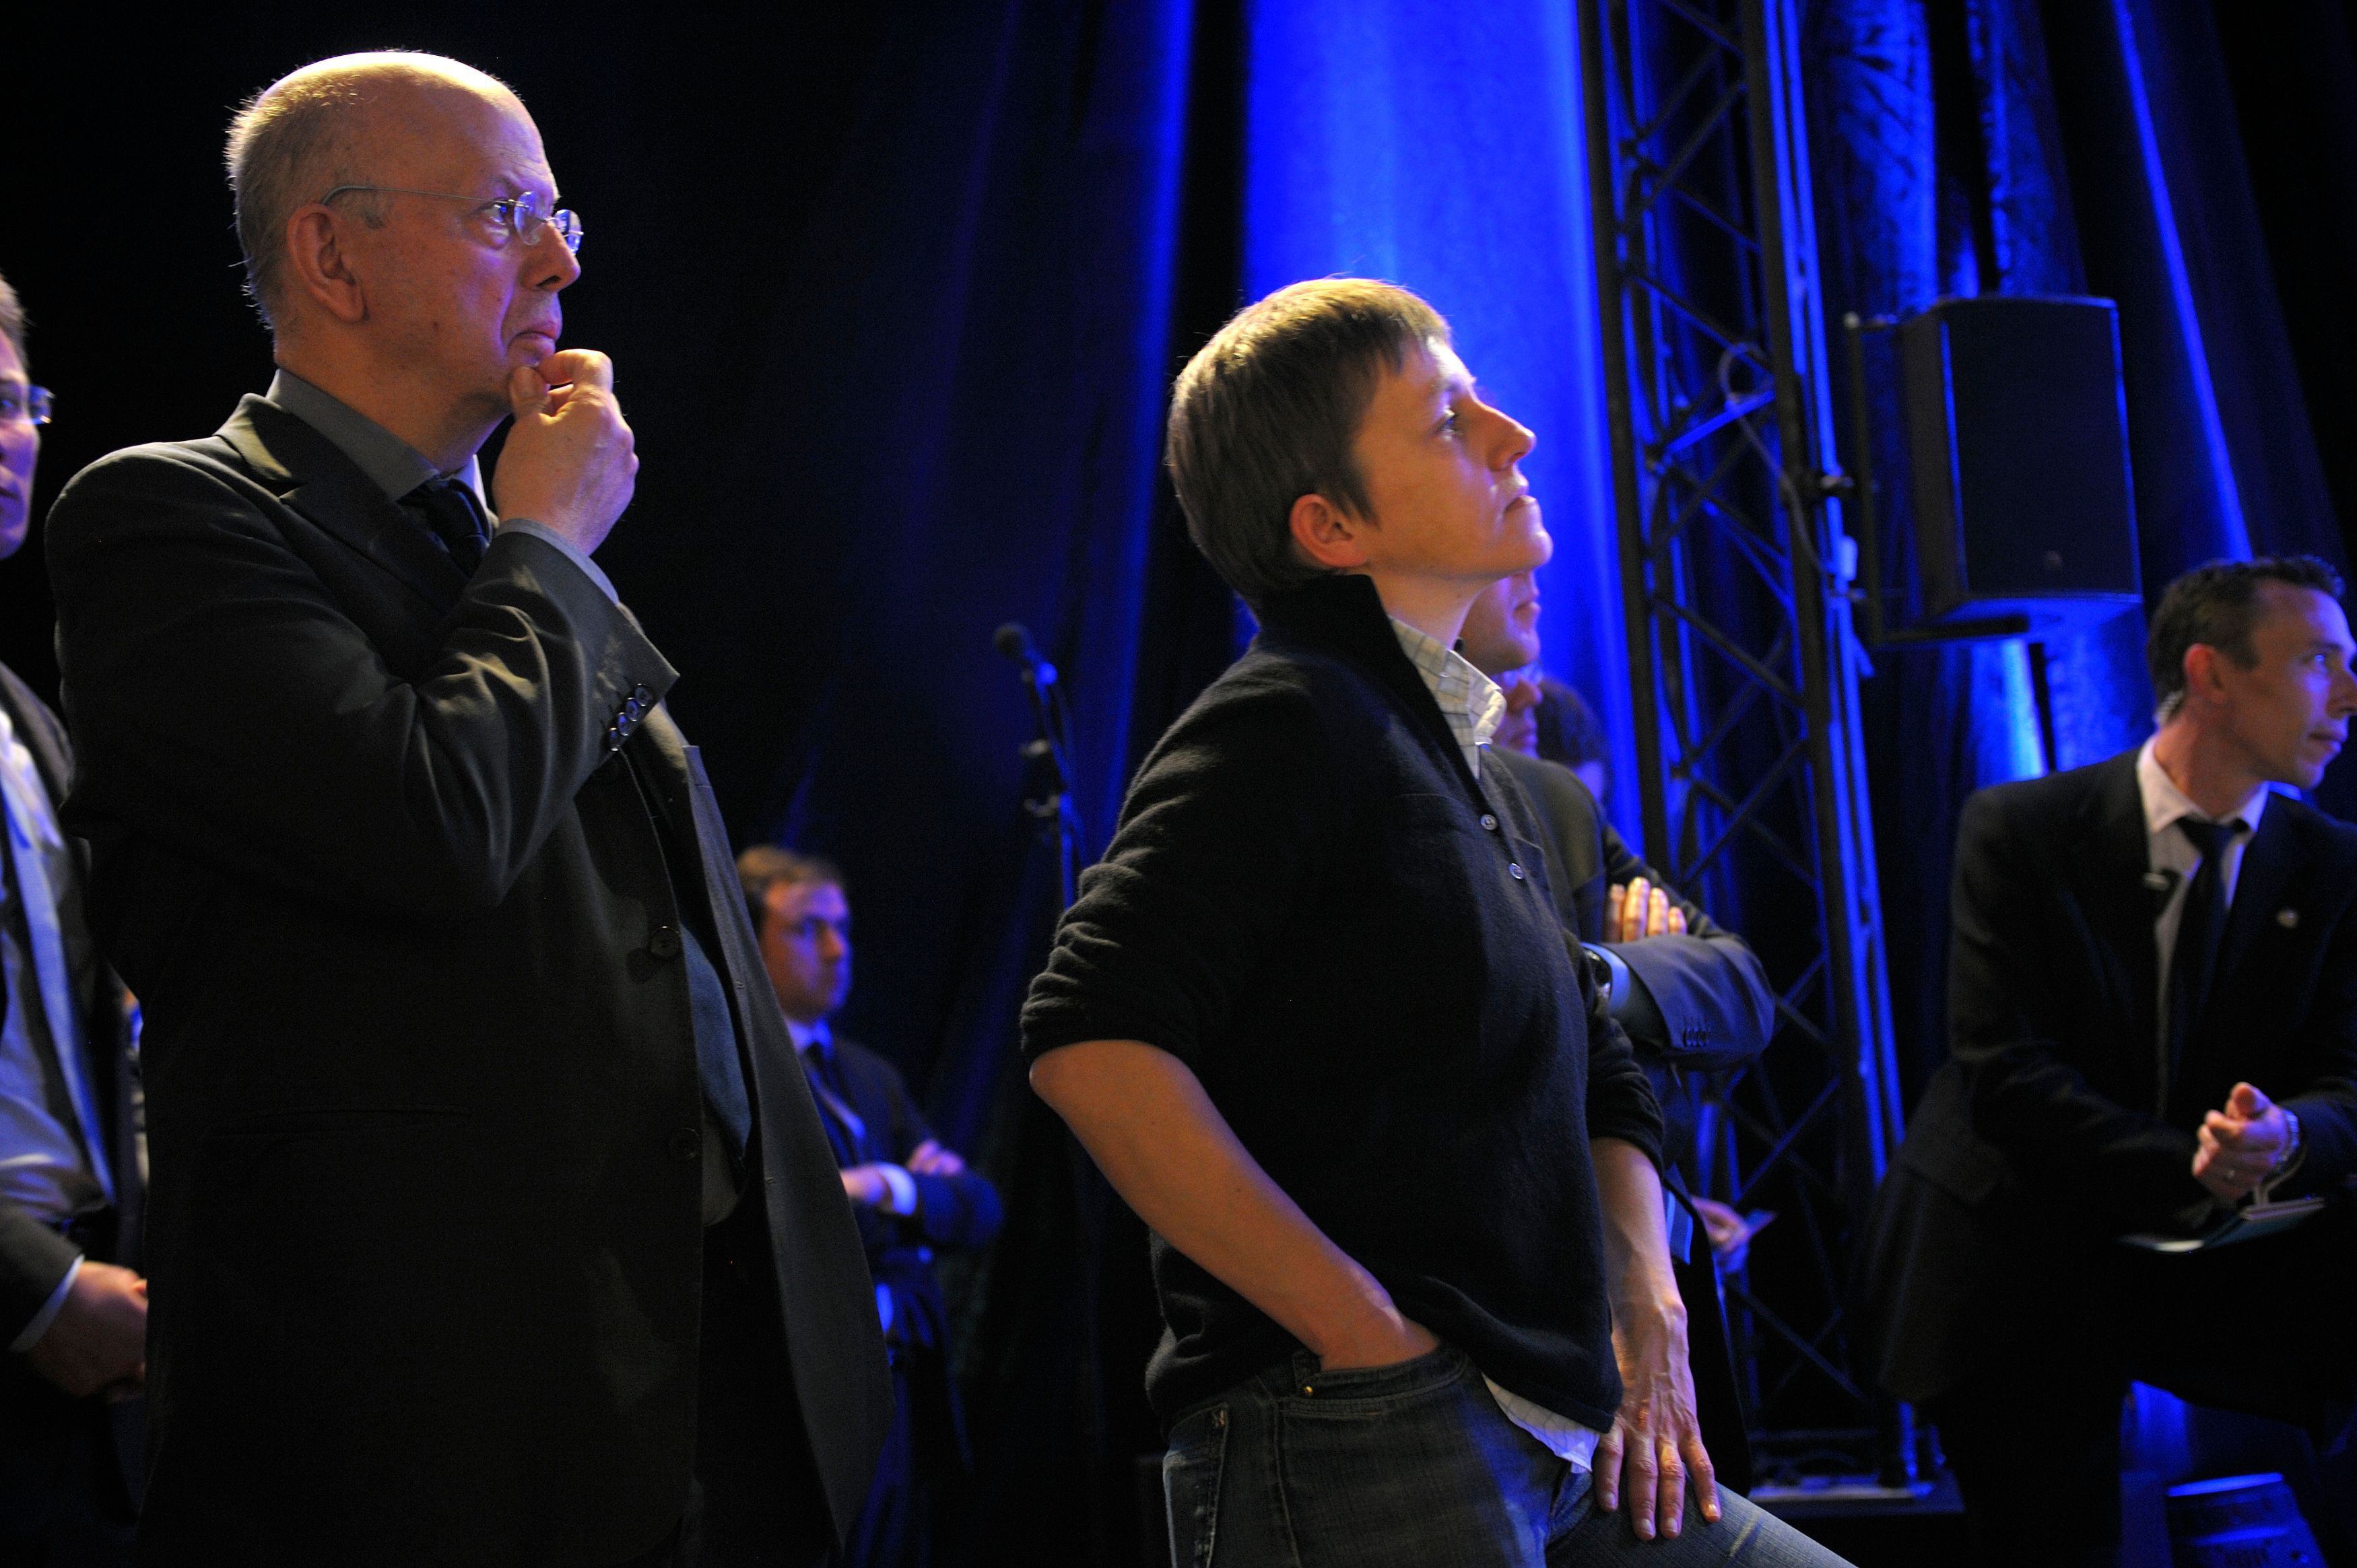 """Rachida Dati regrette la focalisation du débat sur la ligne """"Buisson"""" qui délimite la droite """"dure"""" au sein de l'UMP."""